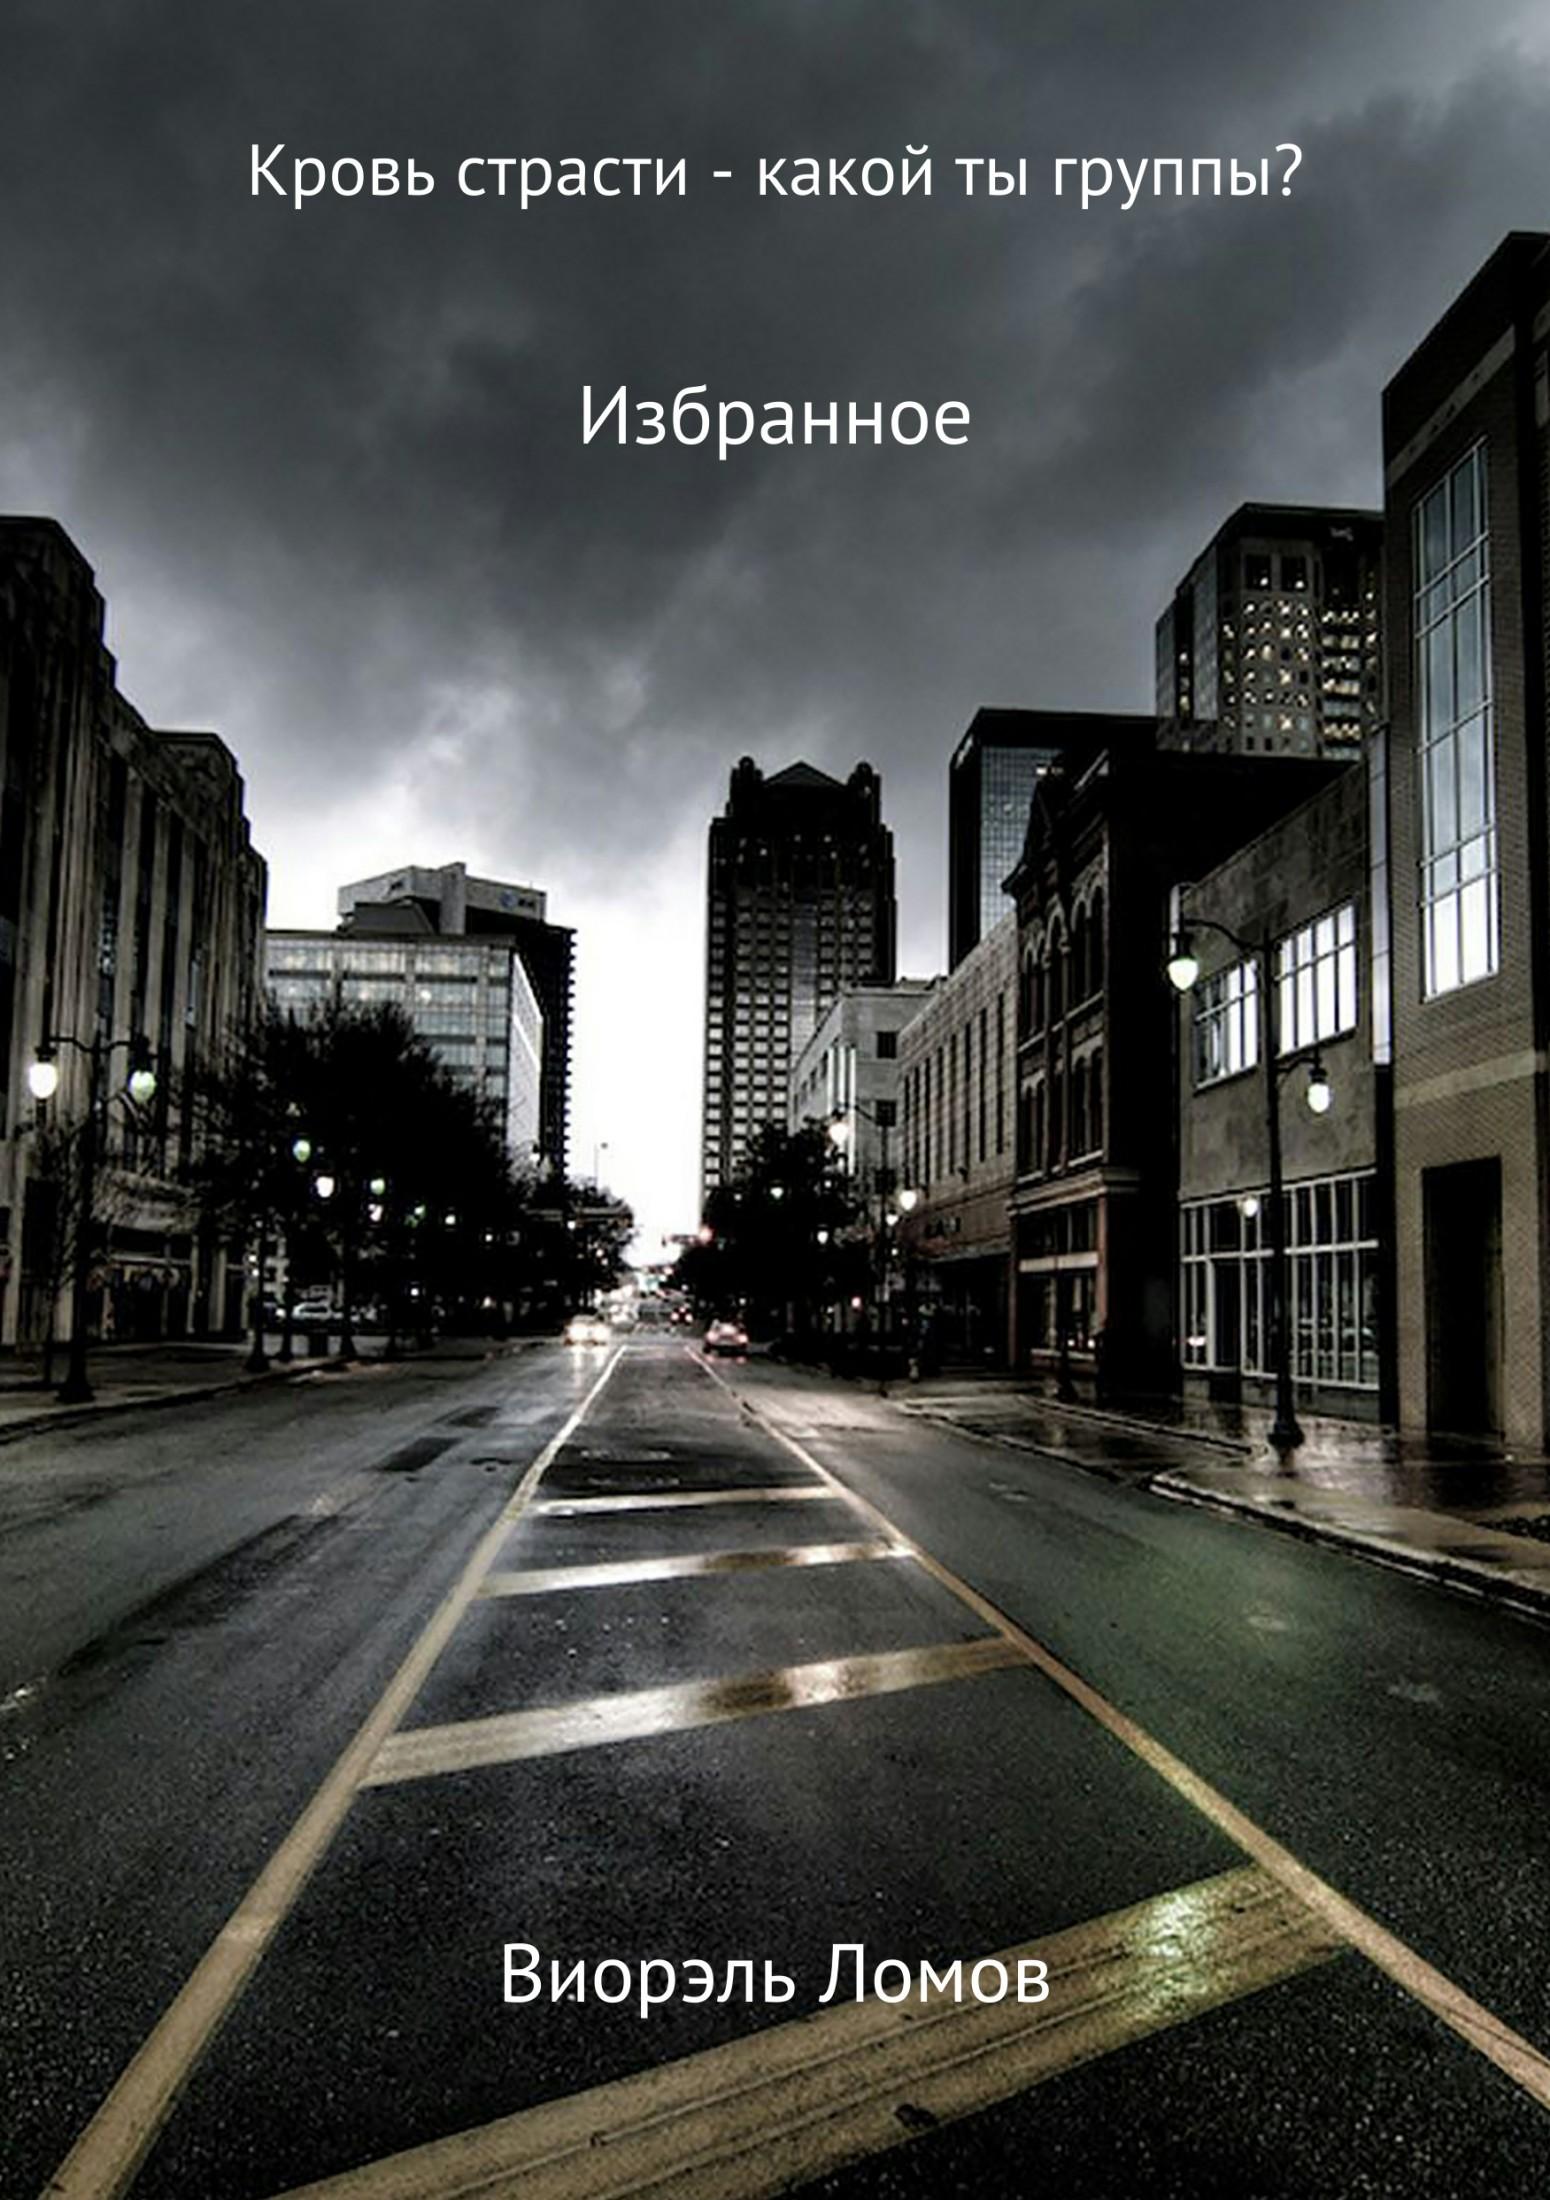 Виорэль Михайлович Ломов Кровь страсти – какой ты группы?